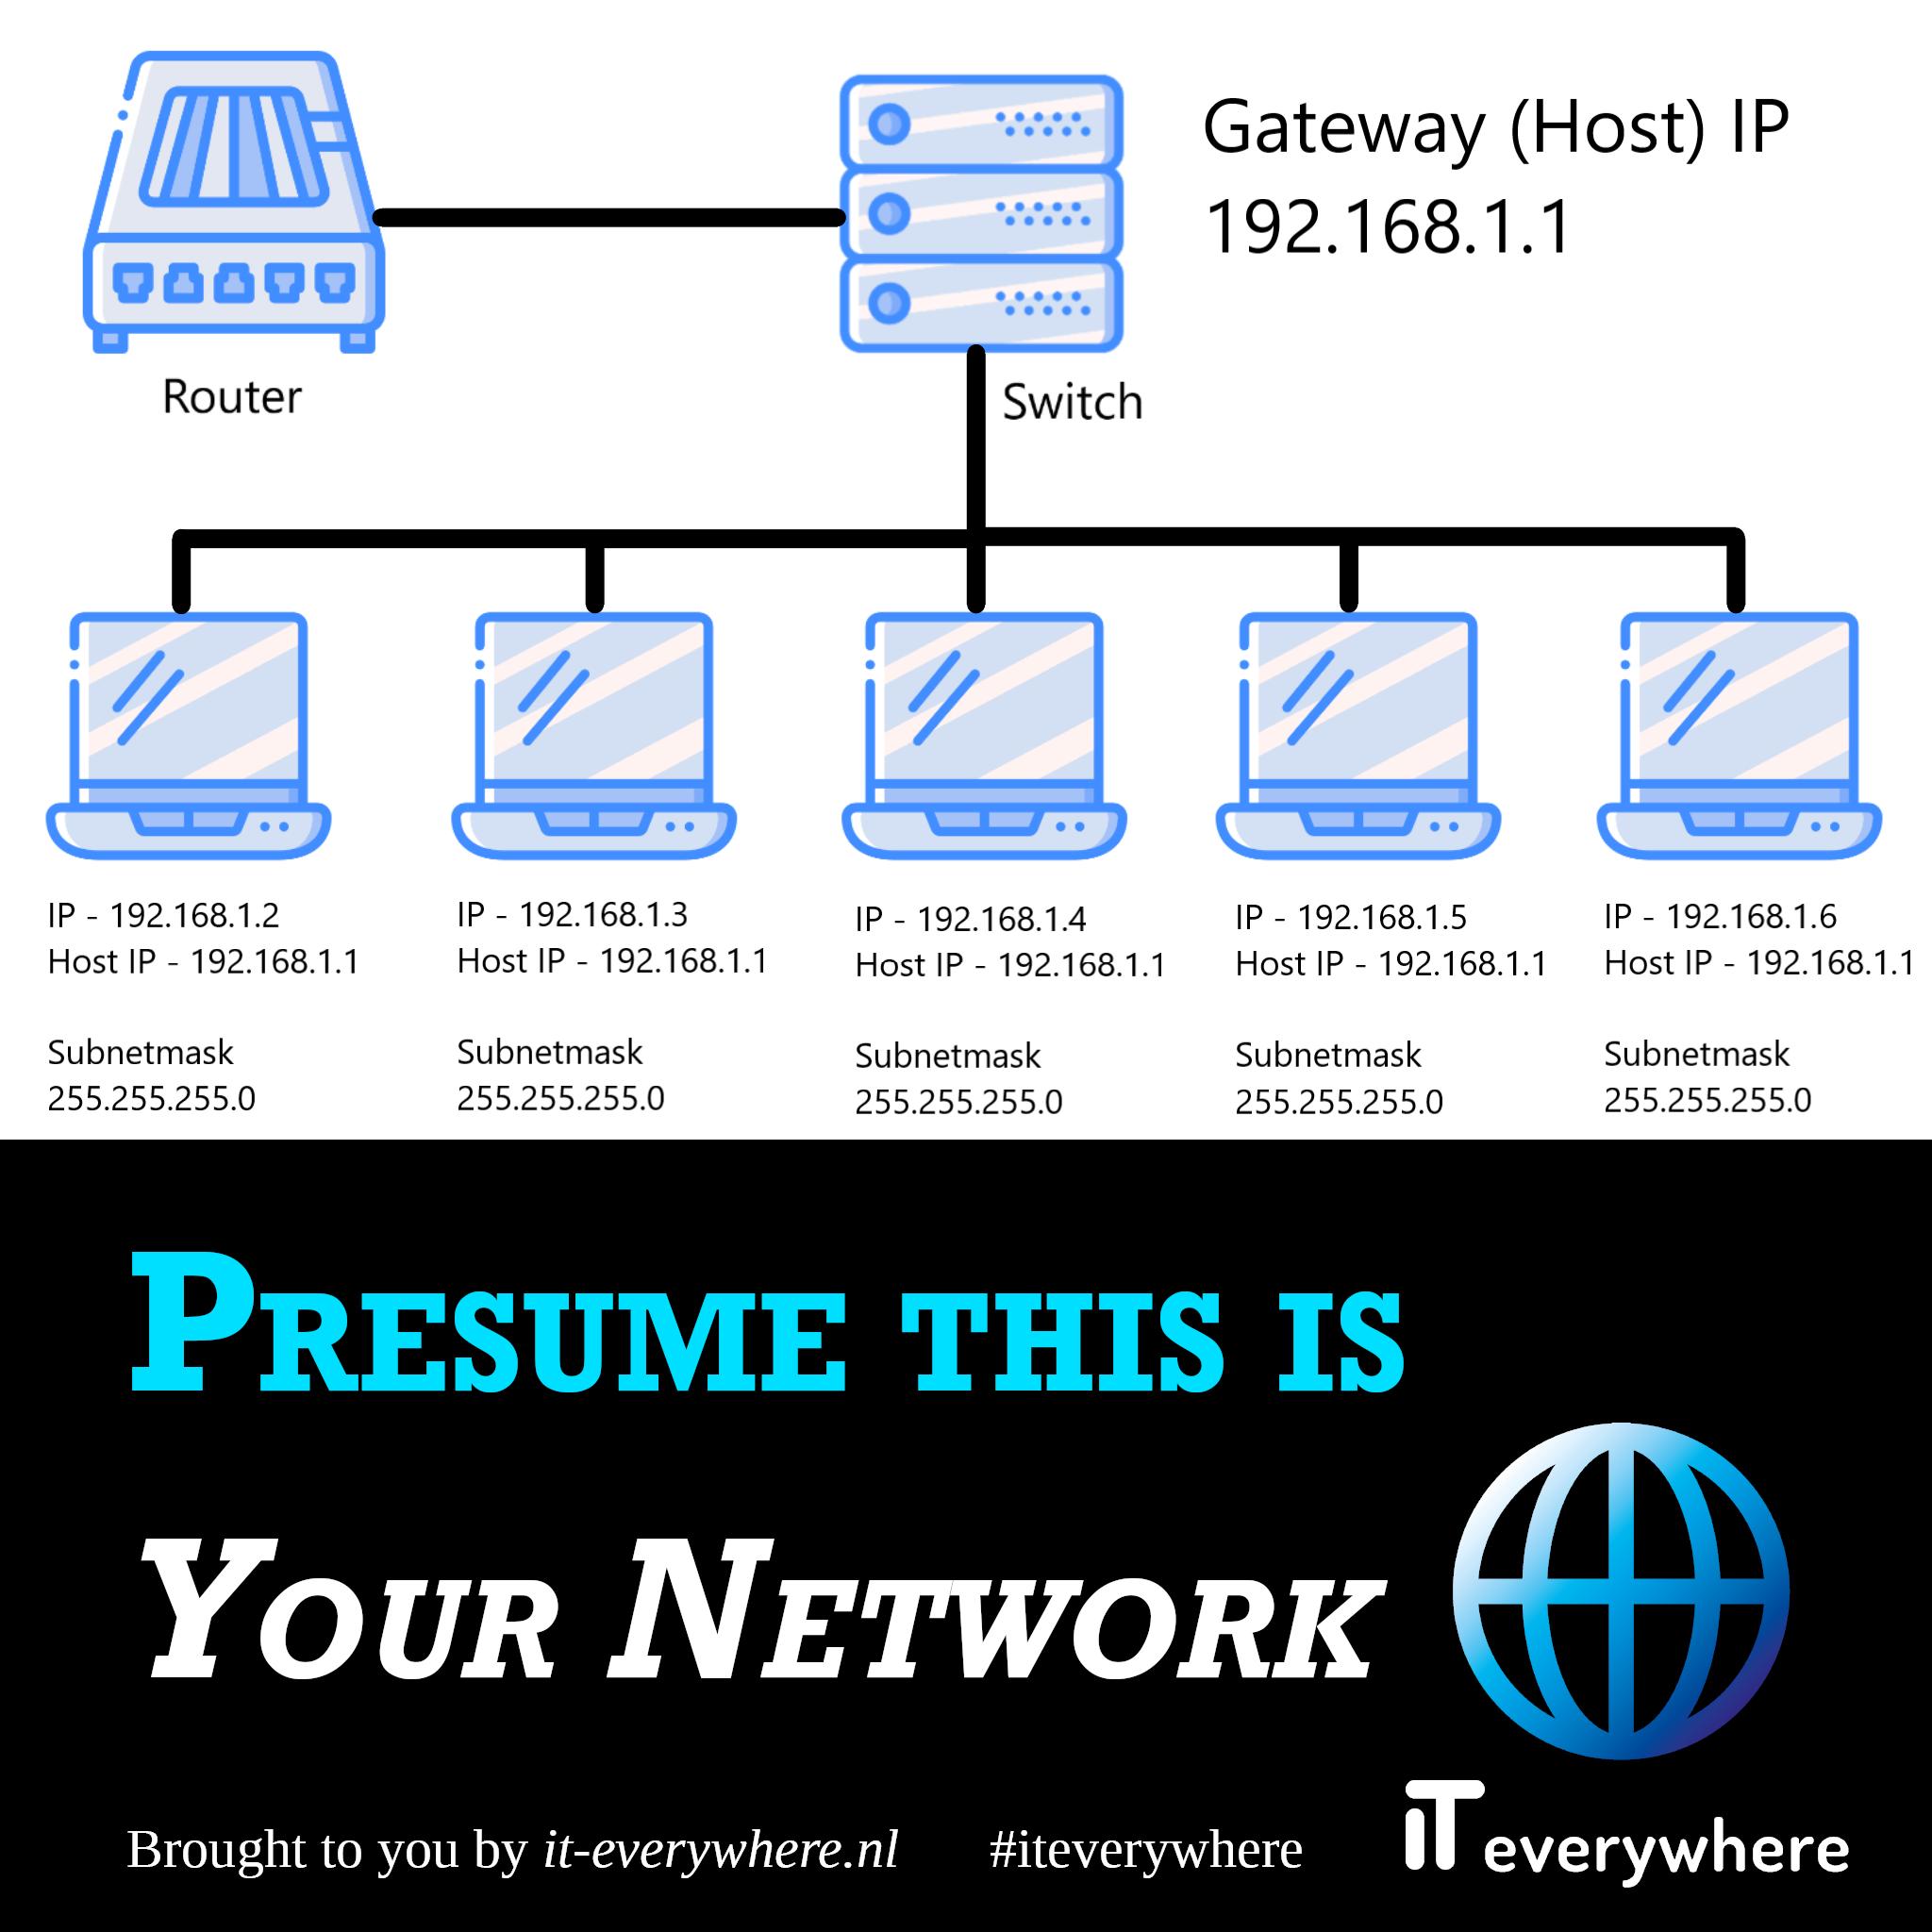 Neem als voorbeeld dat dit jouw netwerk is